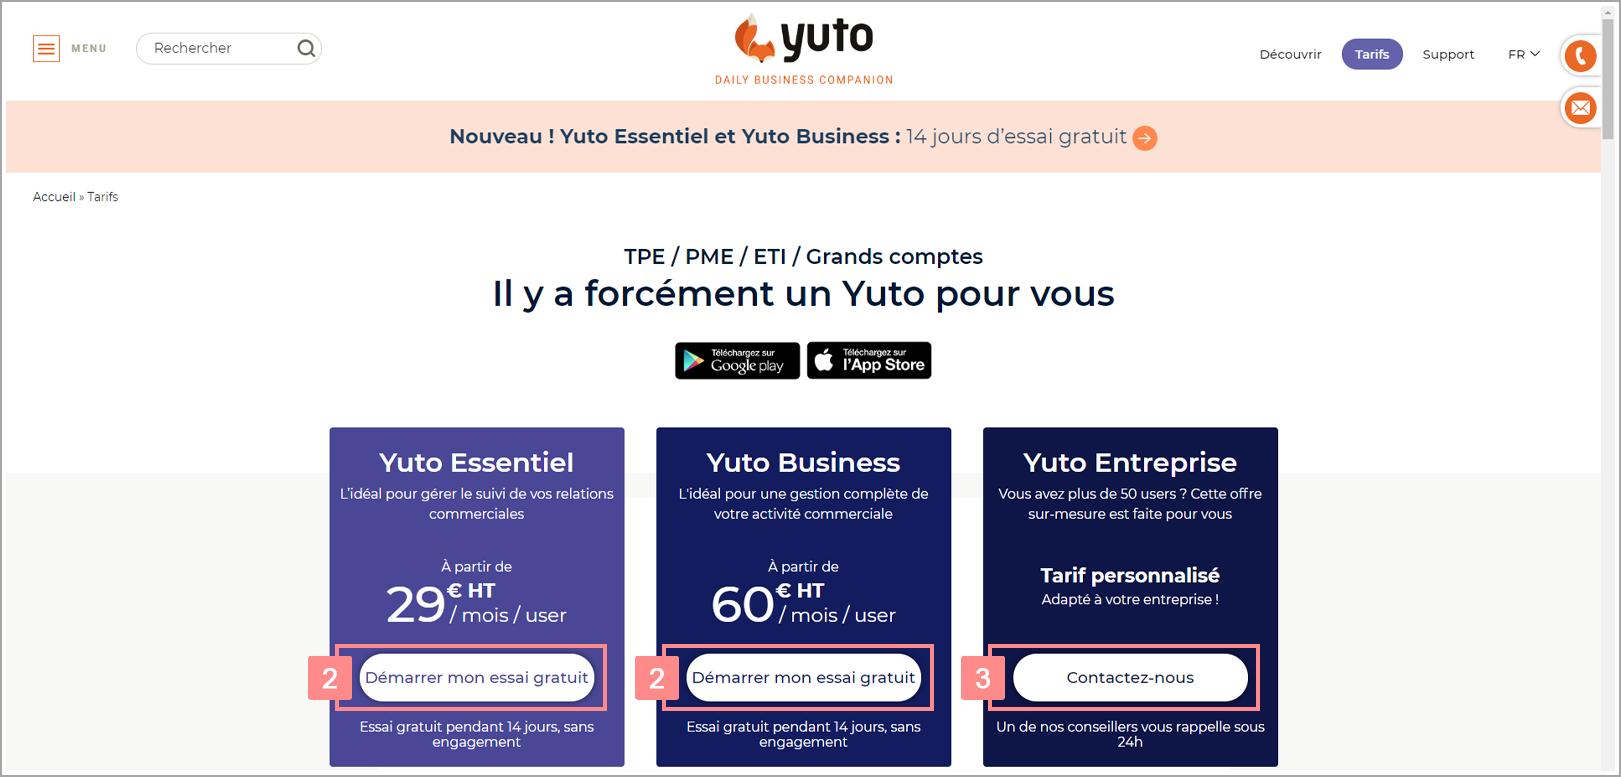 Démarrer mon essai gratuit Yuto - Site d'aide RiaShop / Yuto